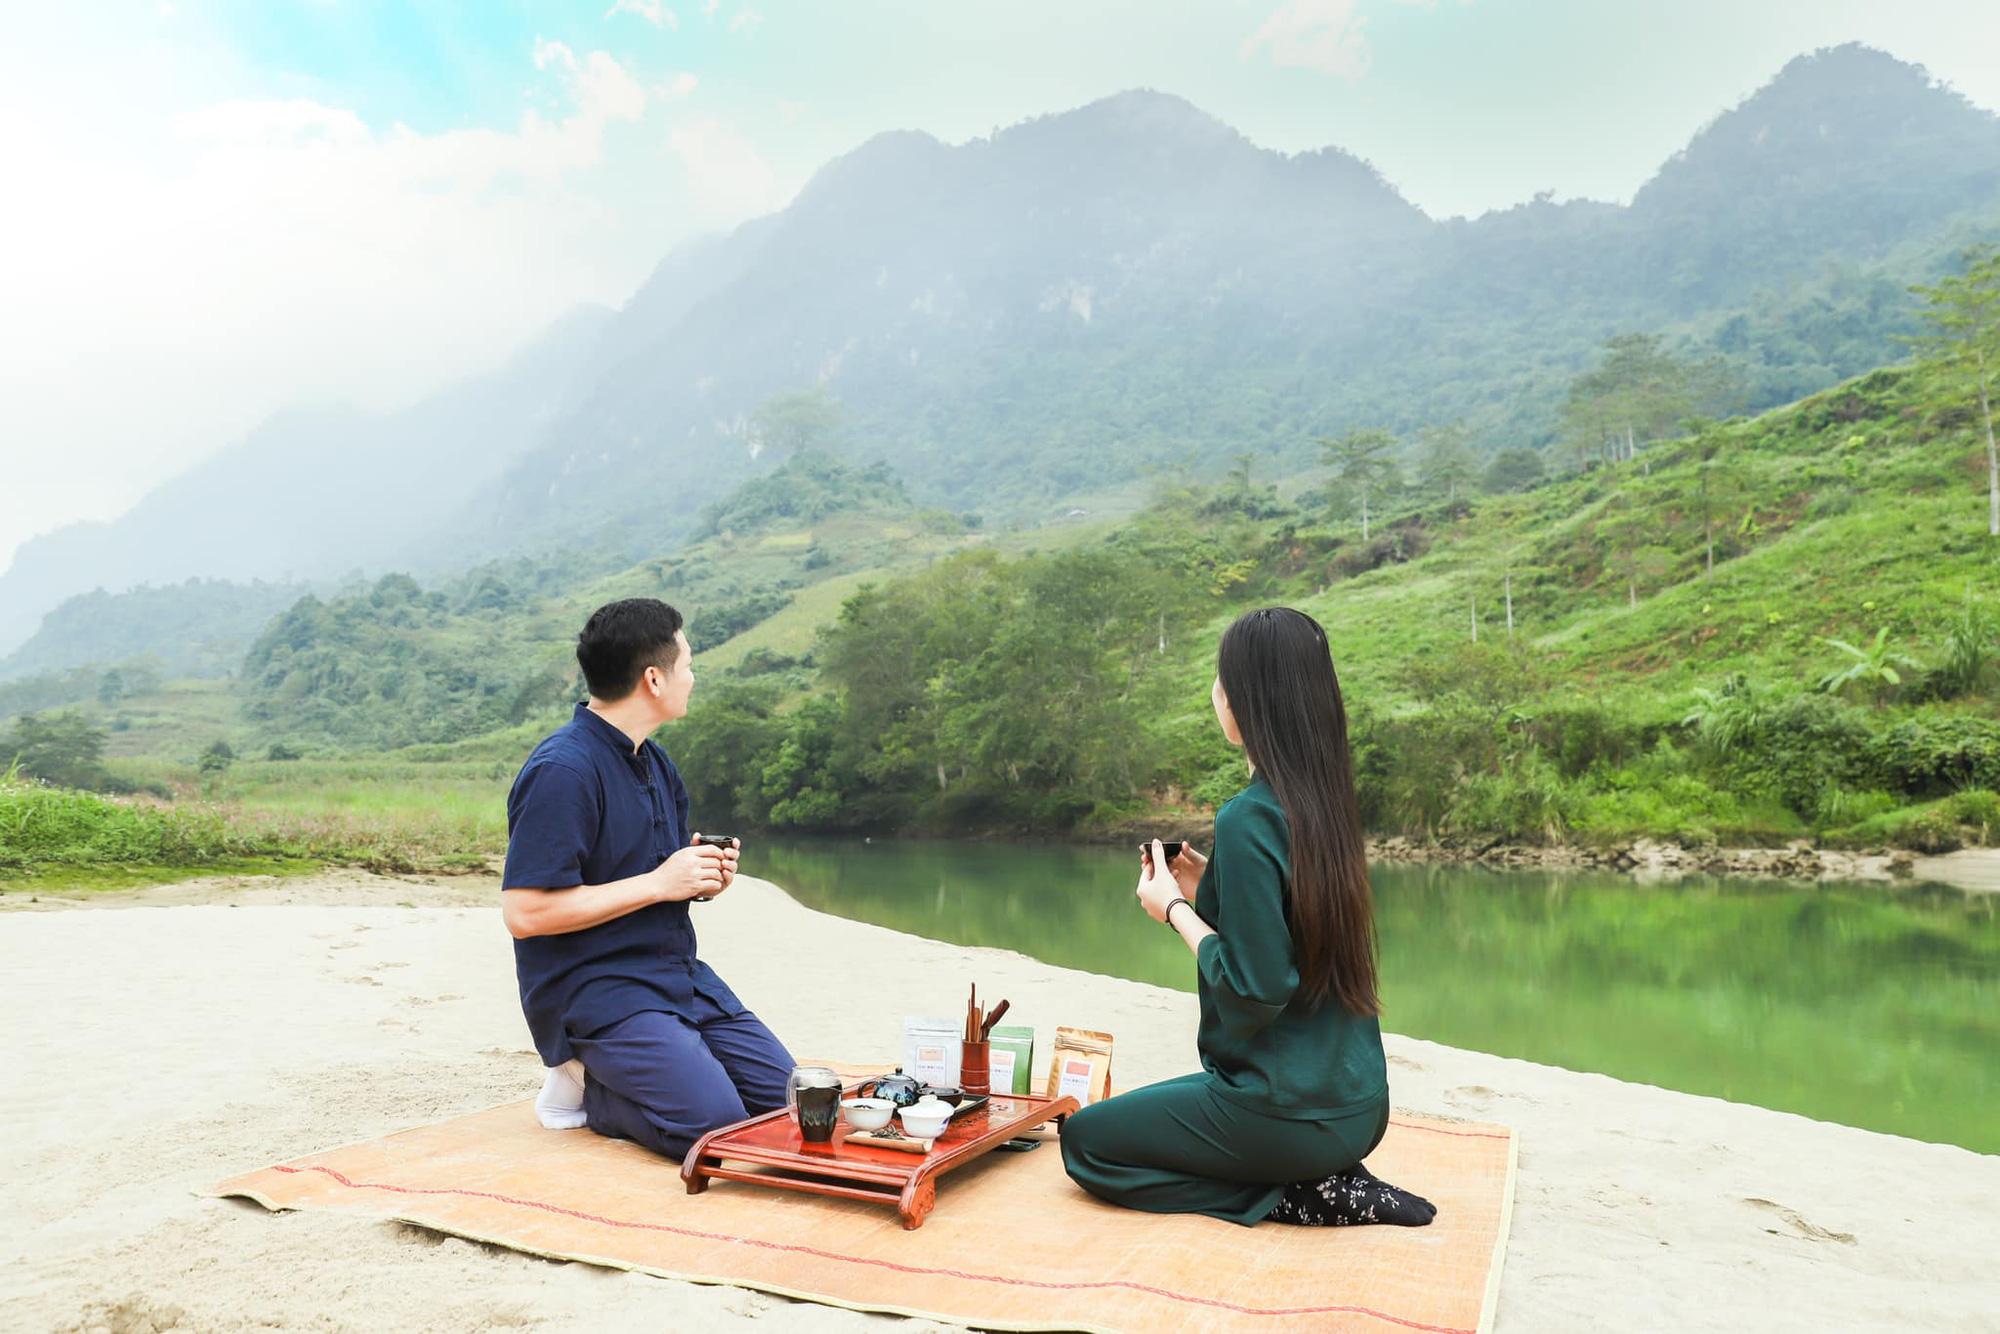 Các doanh nhân ở nhà mùa dịch: Shark Hưng chia sẻ cuốn sách mê mẩn mùa dịch, Hà Tăng khoe khu vườn xanh mát như trong mơ - Ảnh 9.